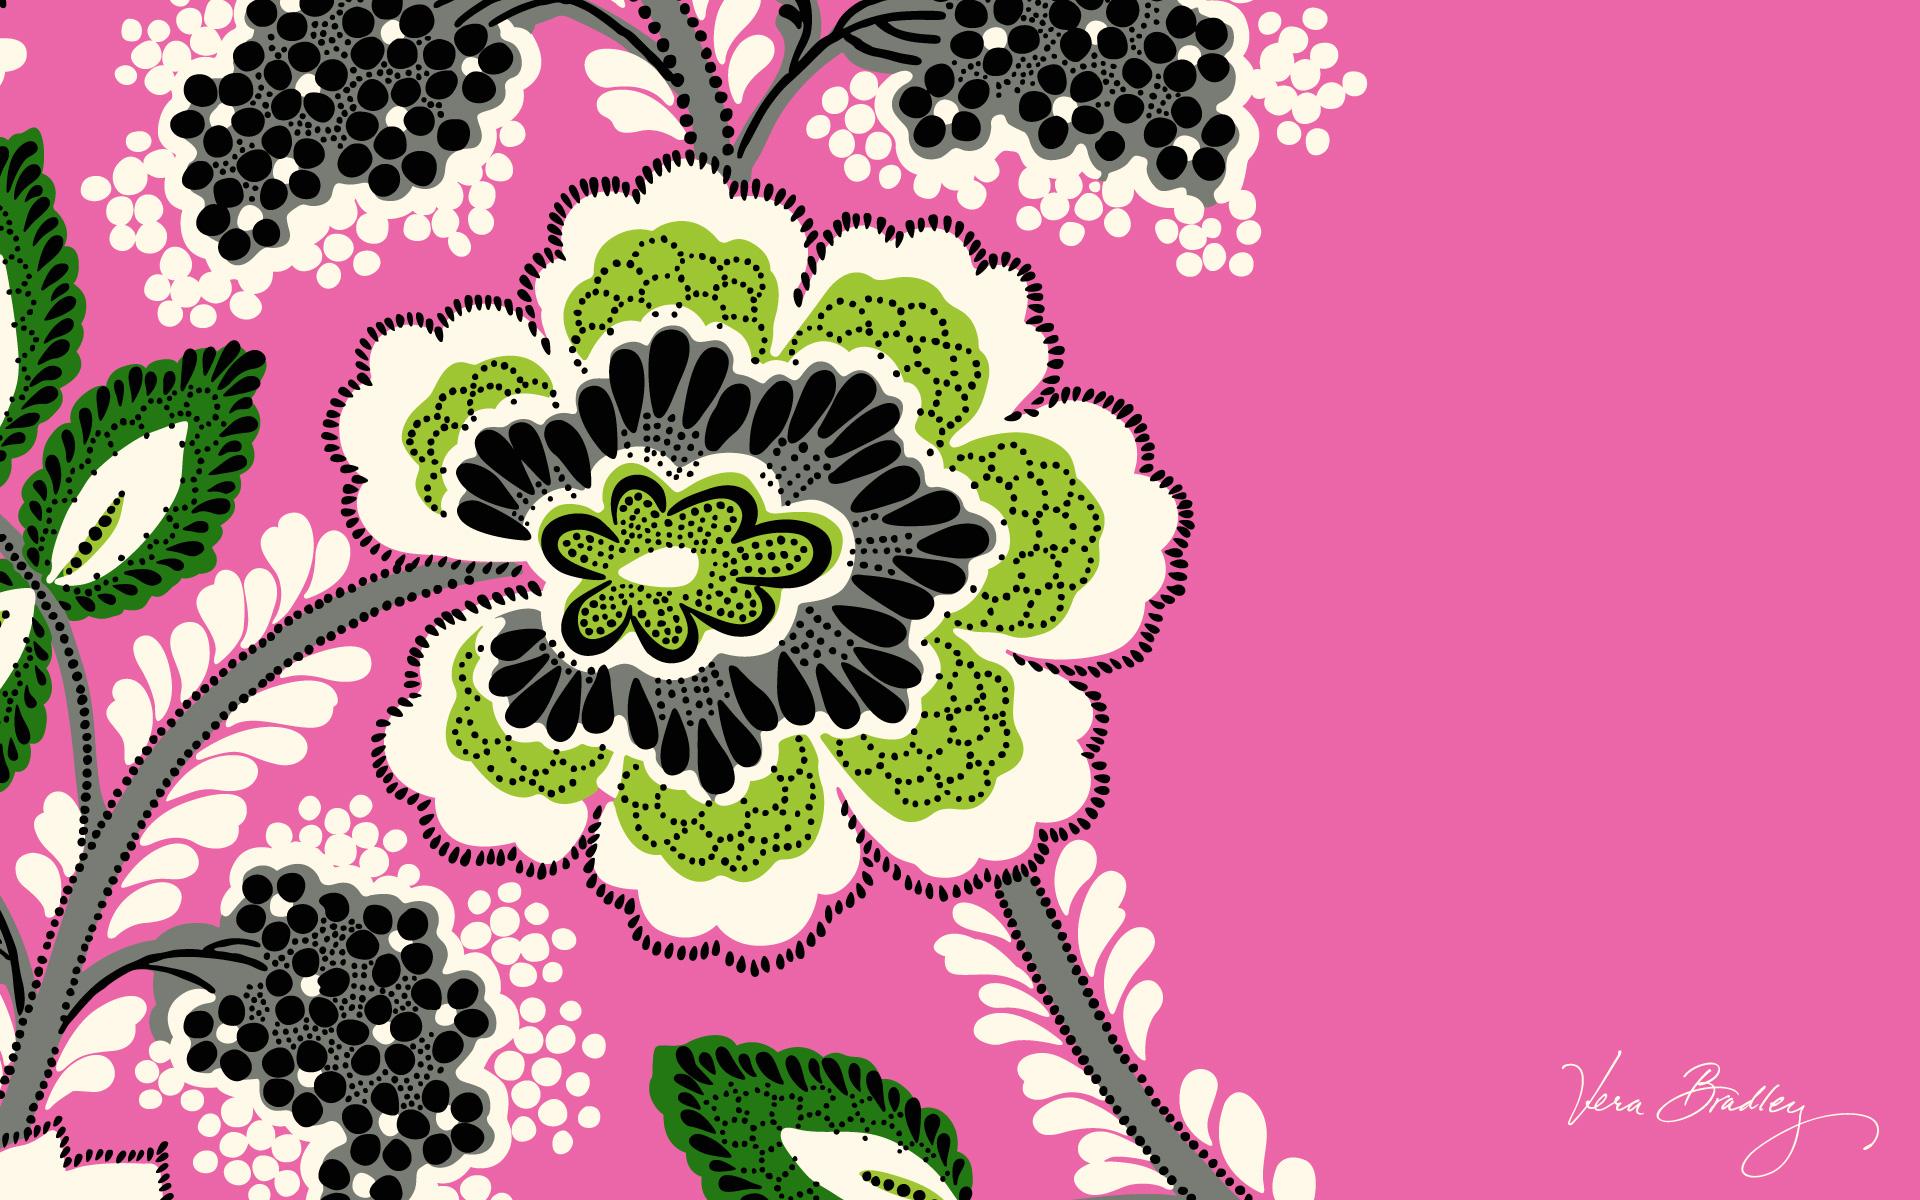 Vera Bradley Summer 2012 Sneak Peek Reeds Jewelers Blog